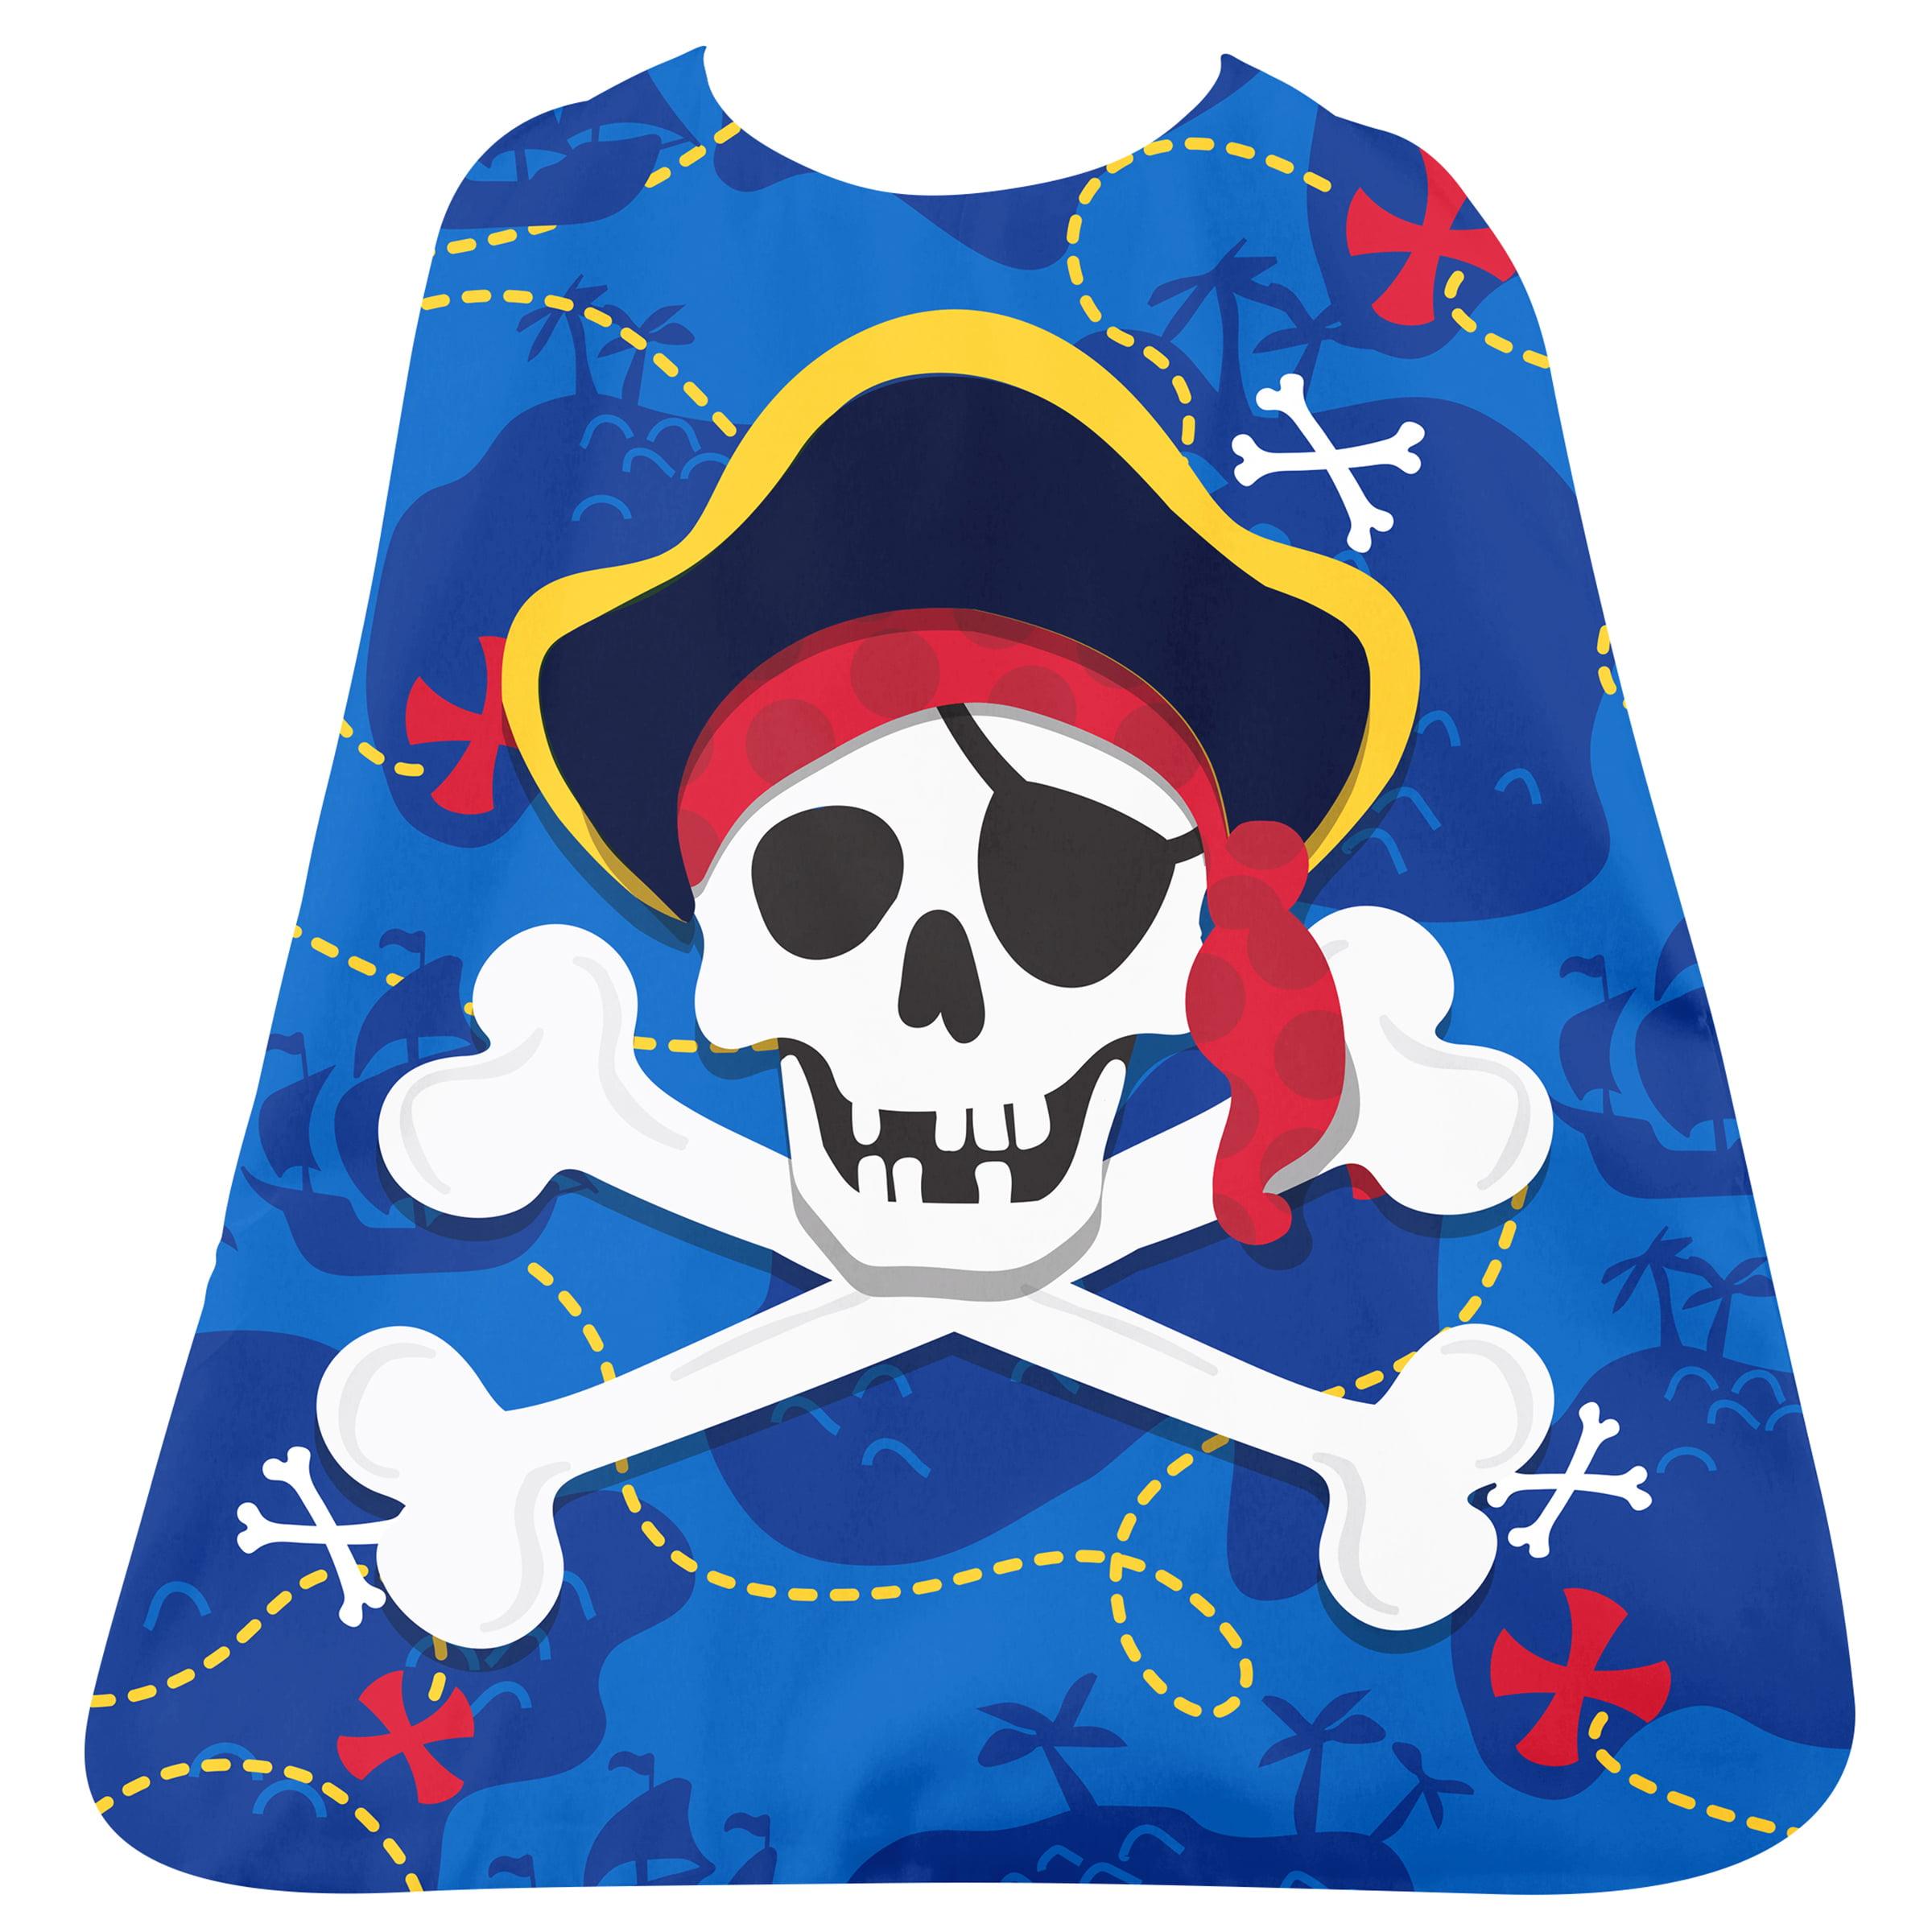 Cape, Pirate